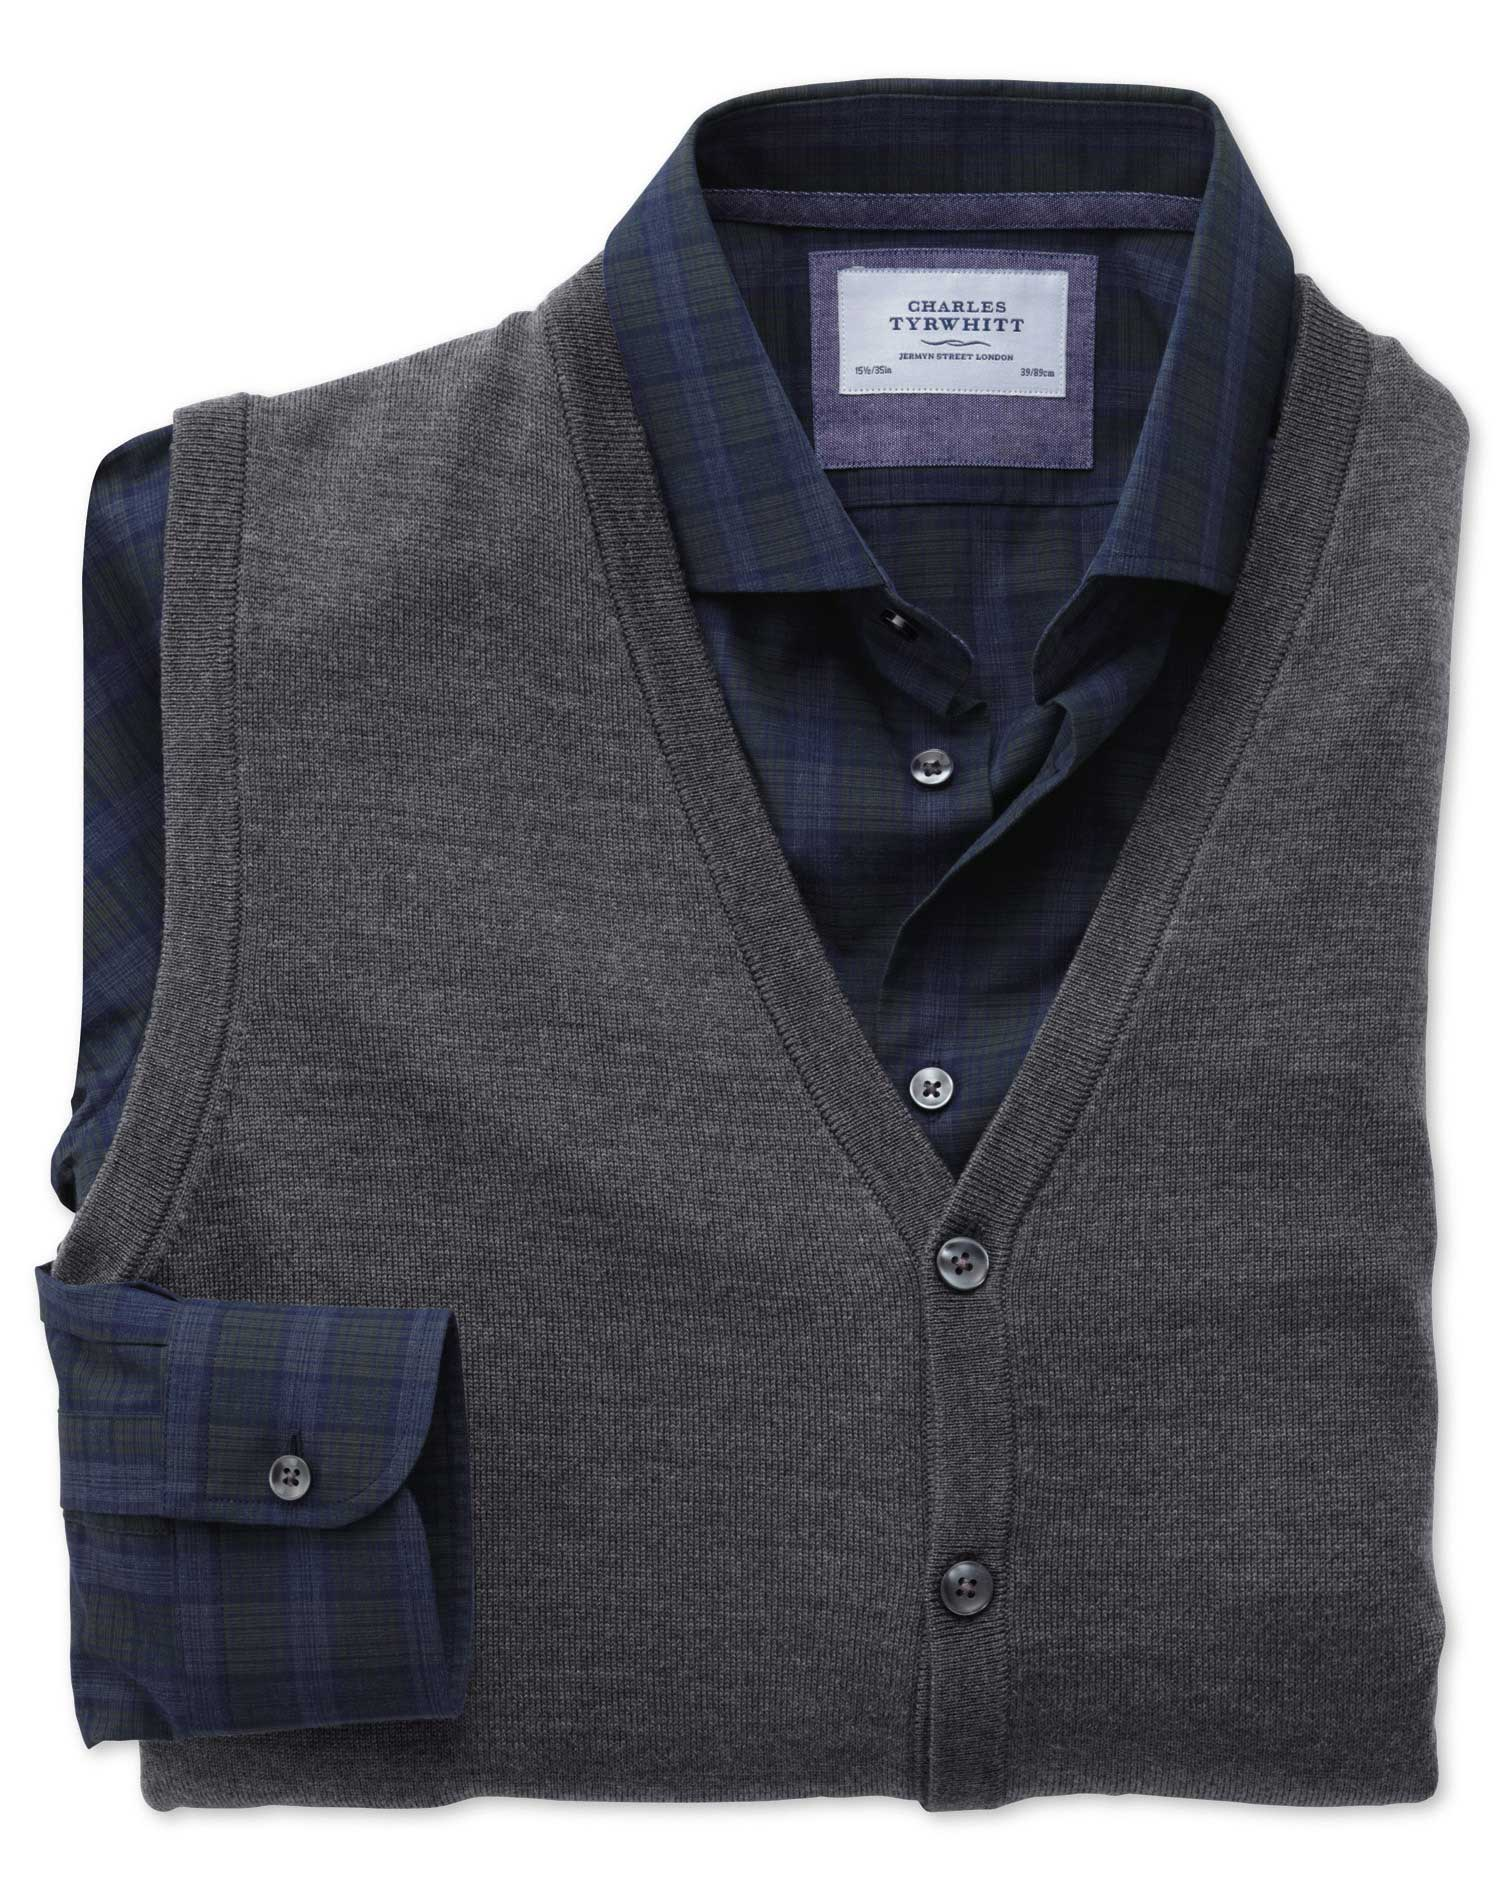 Charcoal Merino Wool Waistcoat Size Medium by Charles Tyrwhitt